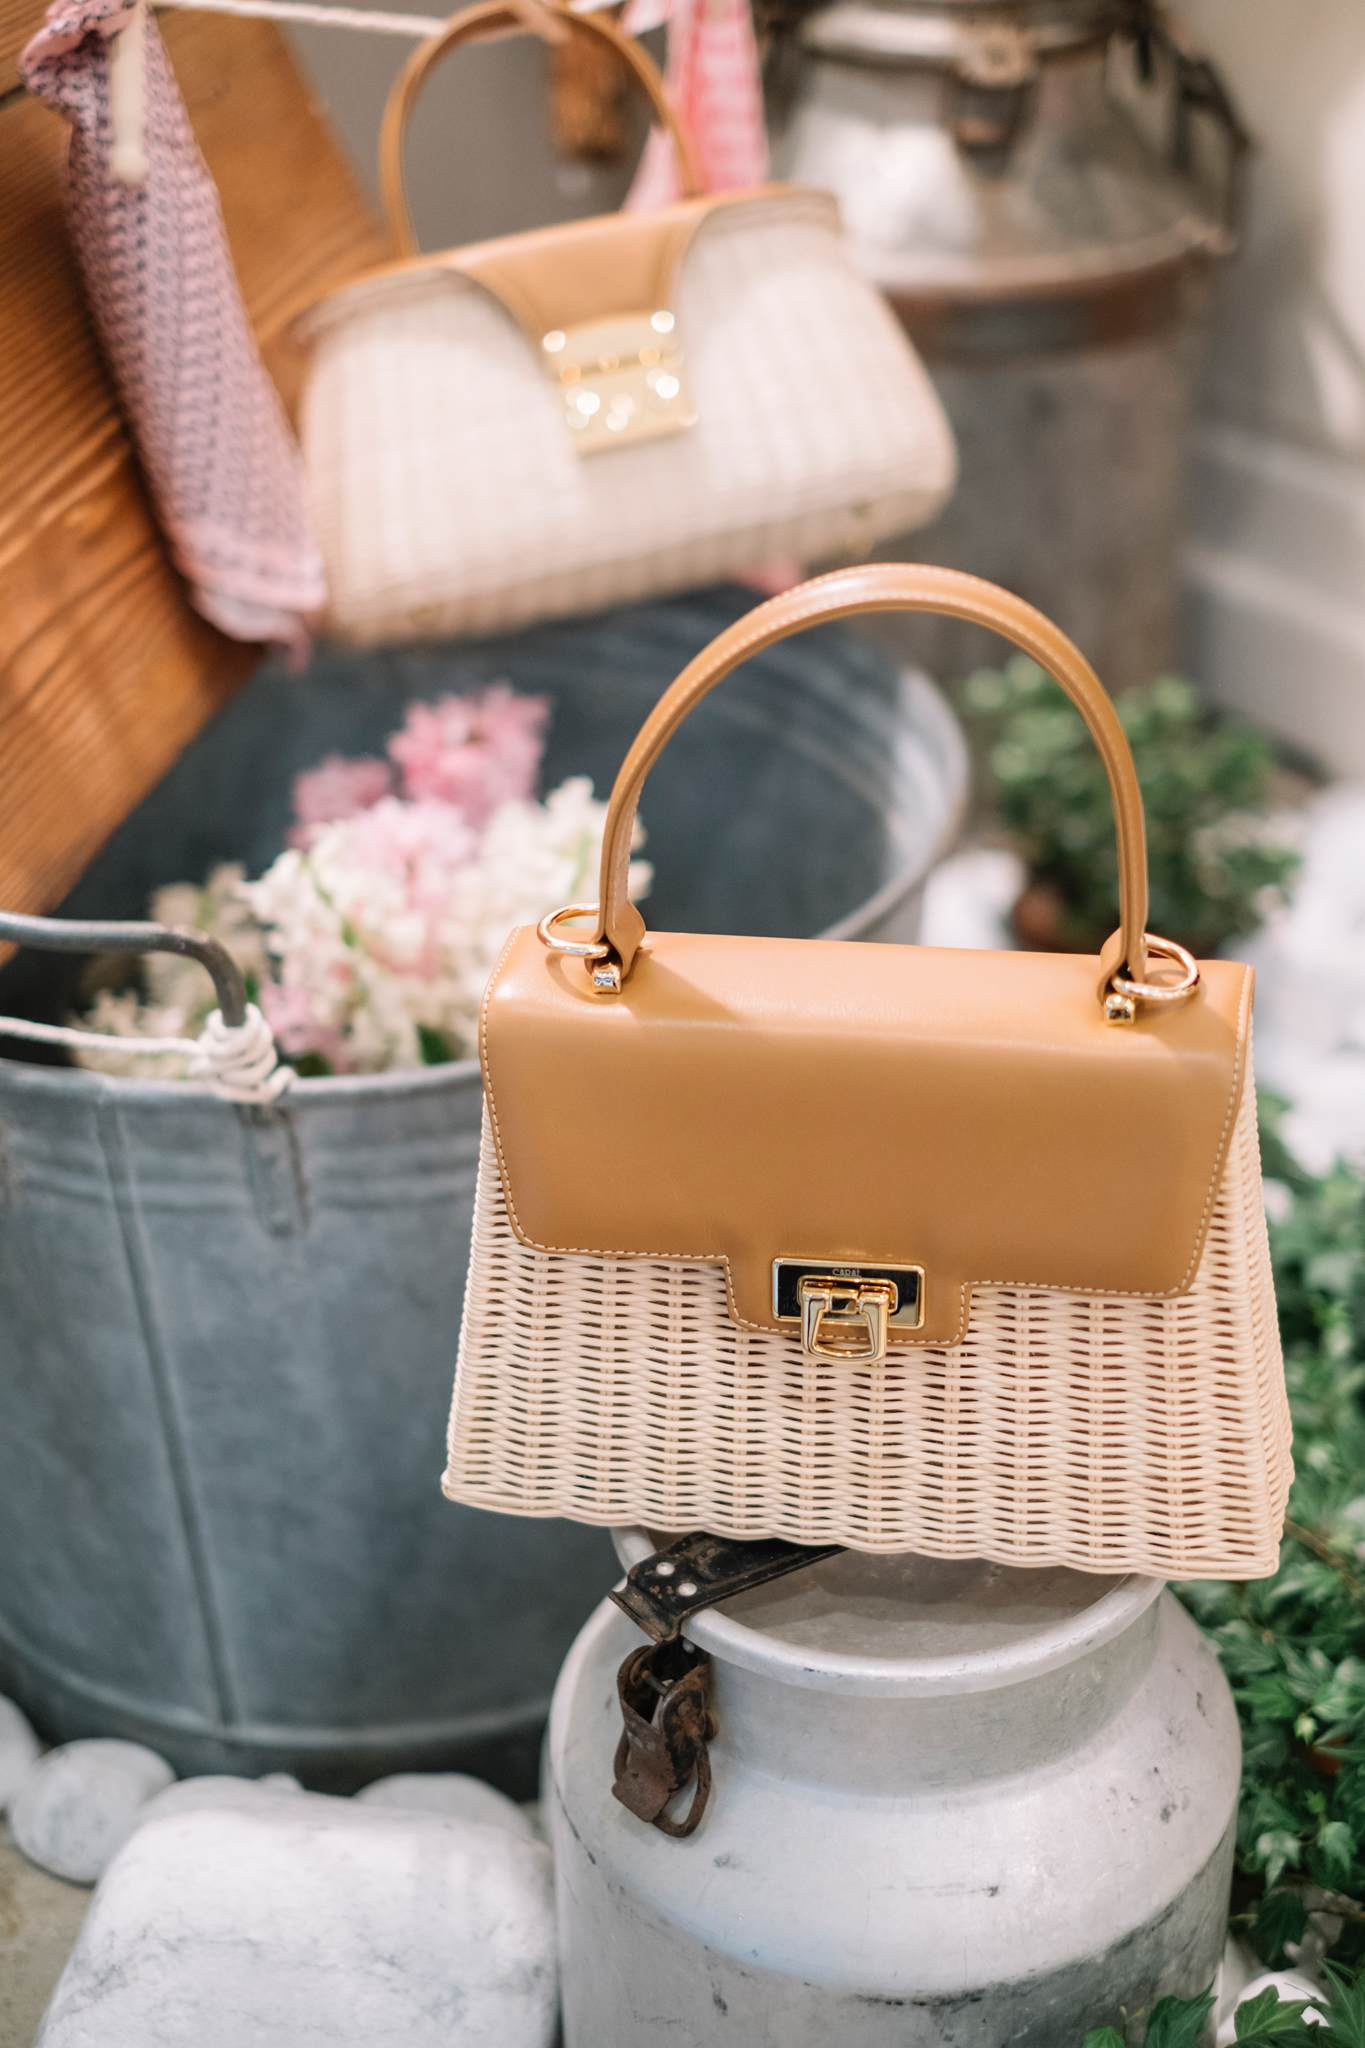 negozio abbigliamento donna Venezia boutique elegante moda Italia